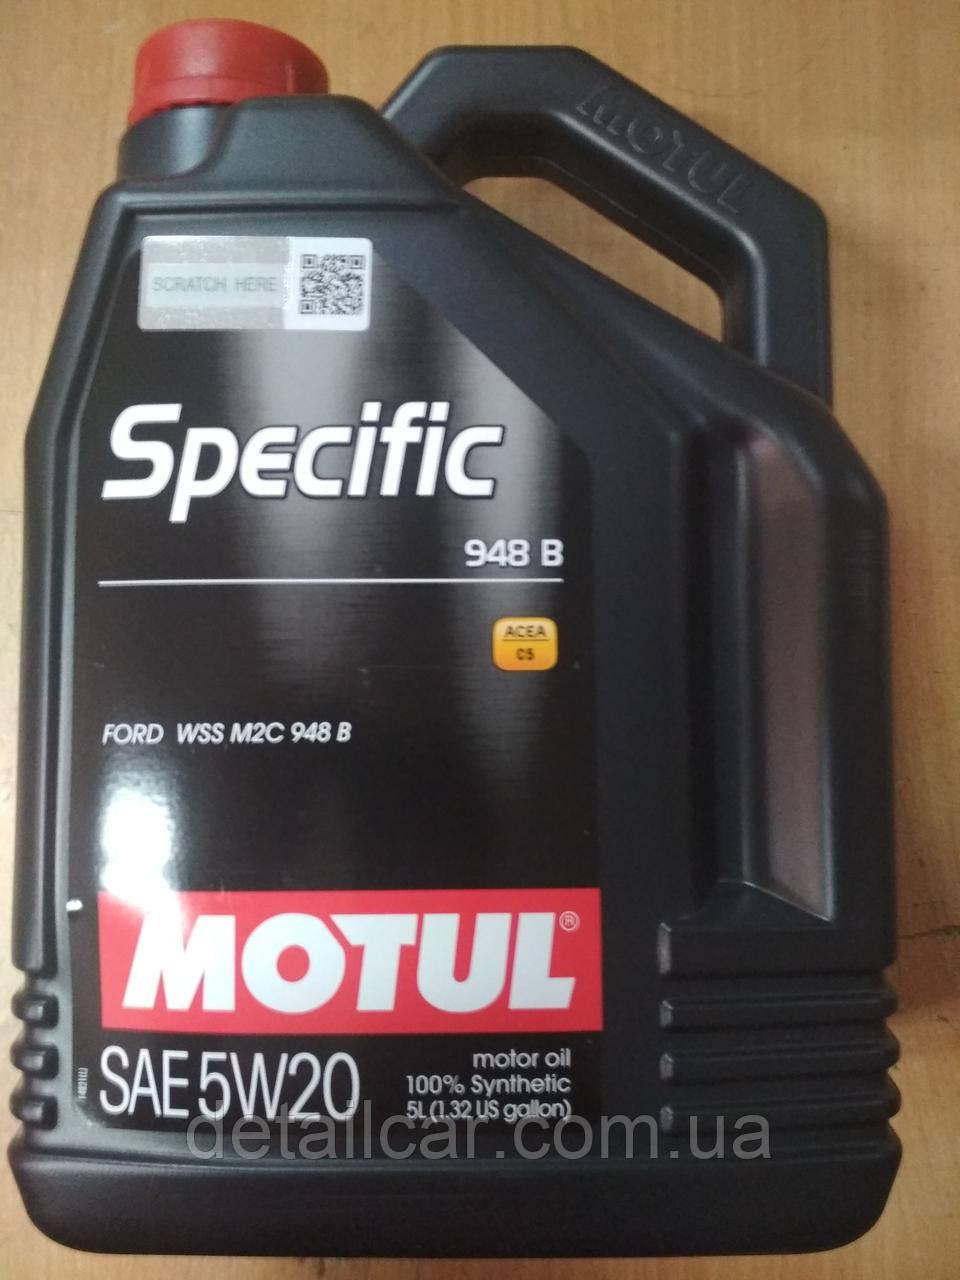 Синтетическое моторное масло MOTUL 5W20 Specific (5L) (FORD WSS M2C 948-B) 867351 - Франция, фото 1